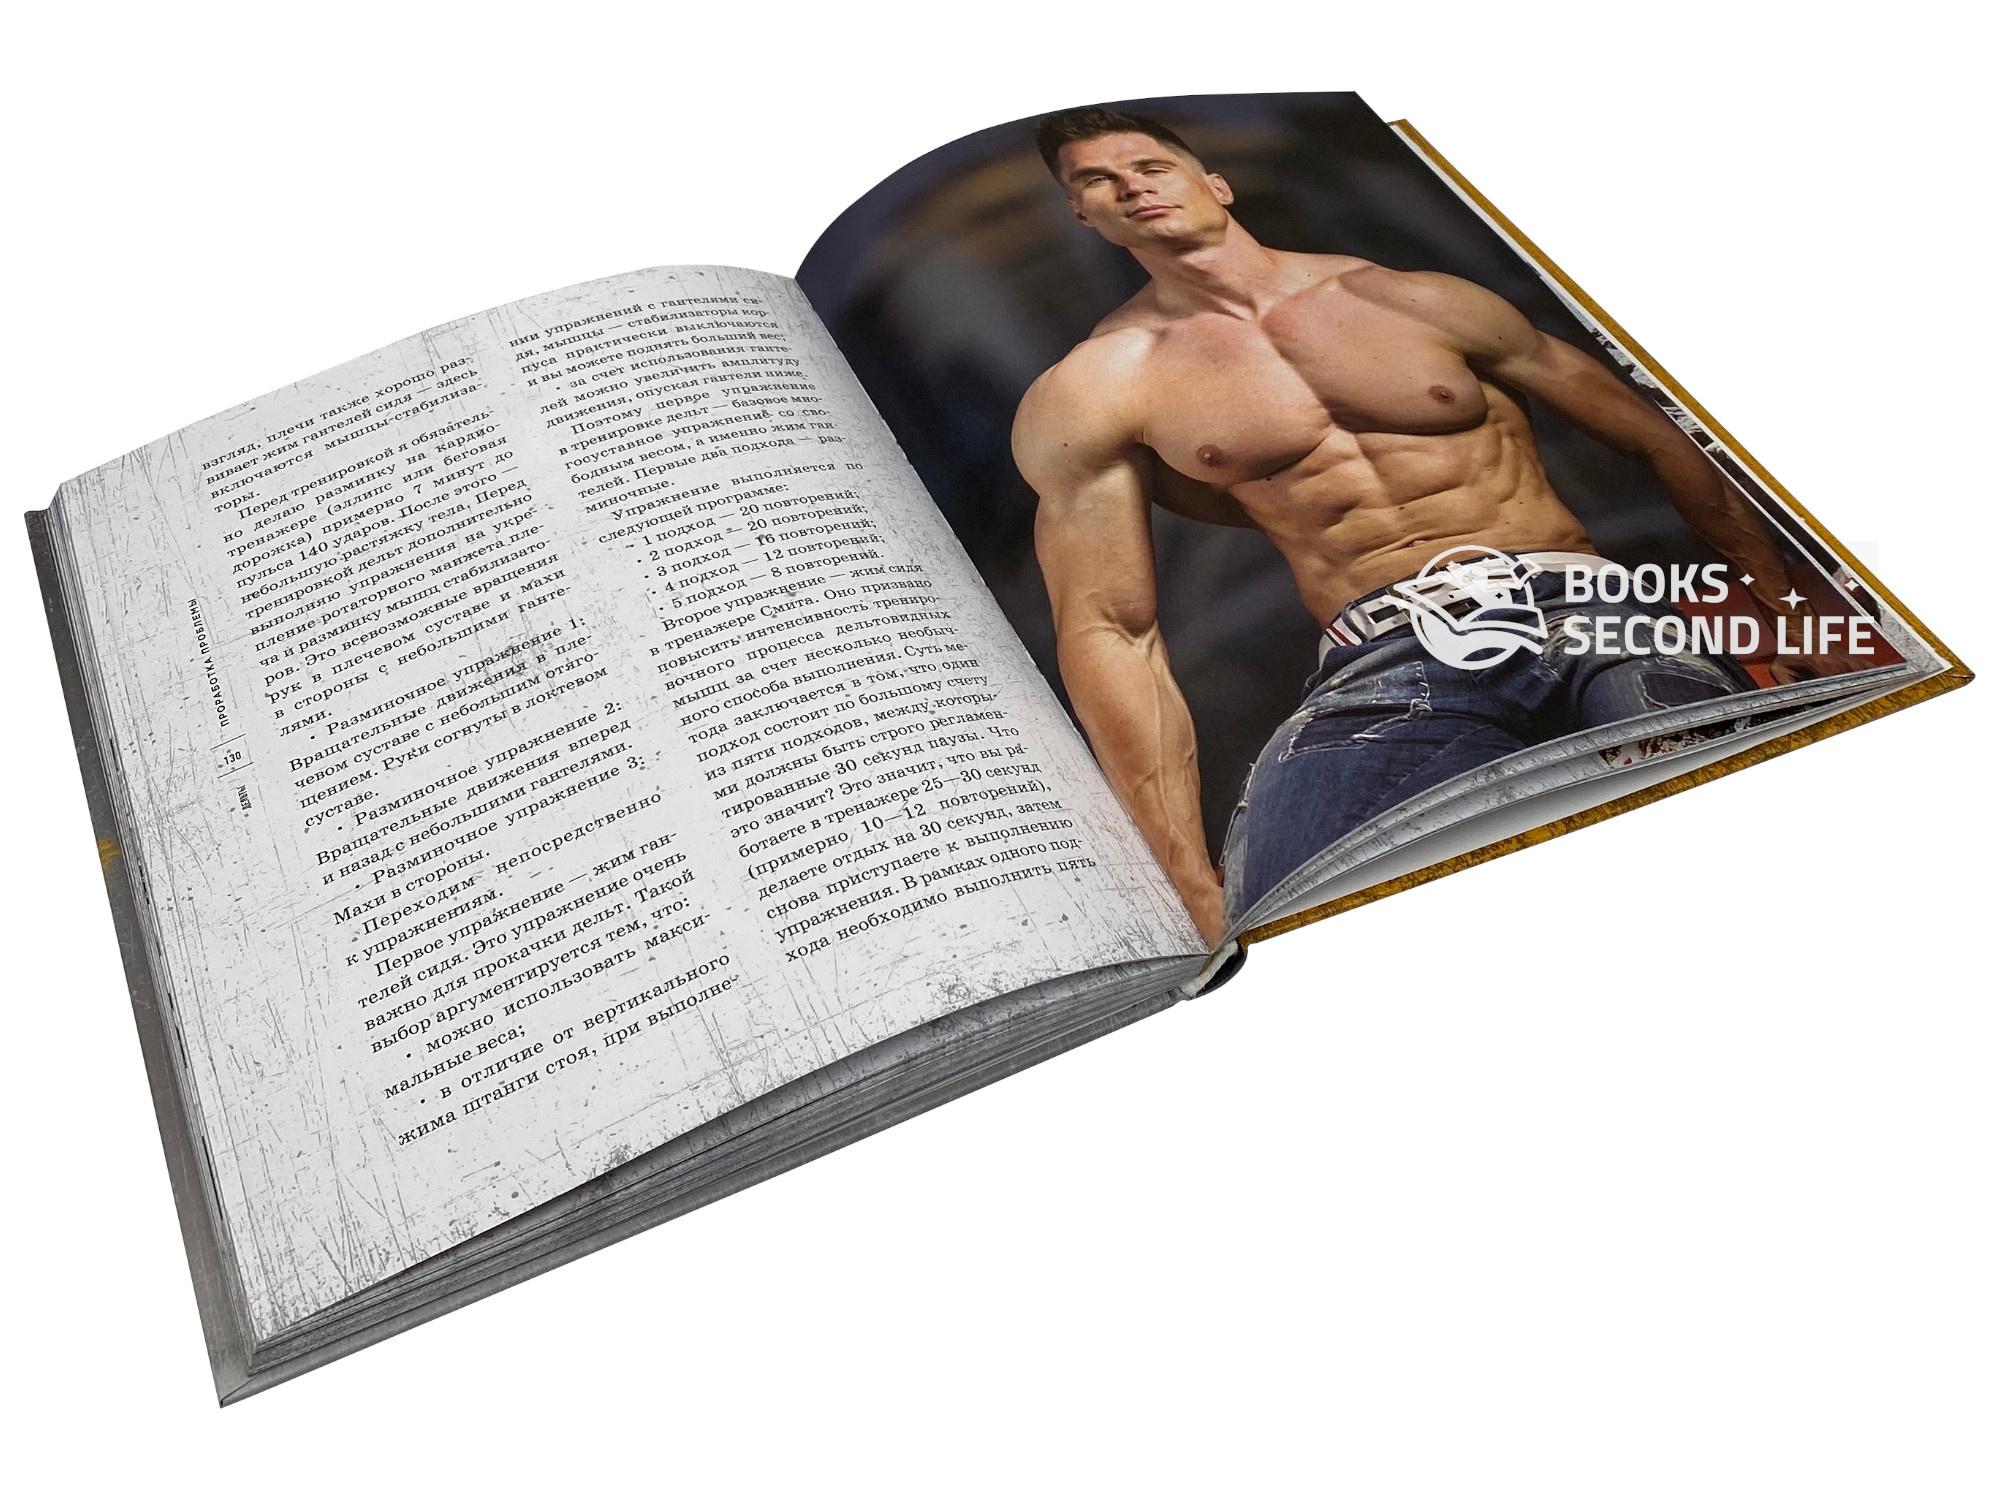 Экстремальный рельеф. Как прокачать свои мышцы и рацион для достижения ультра-формы. Автор — Денис Гусев. Переплет —